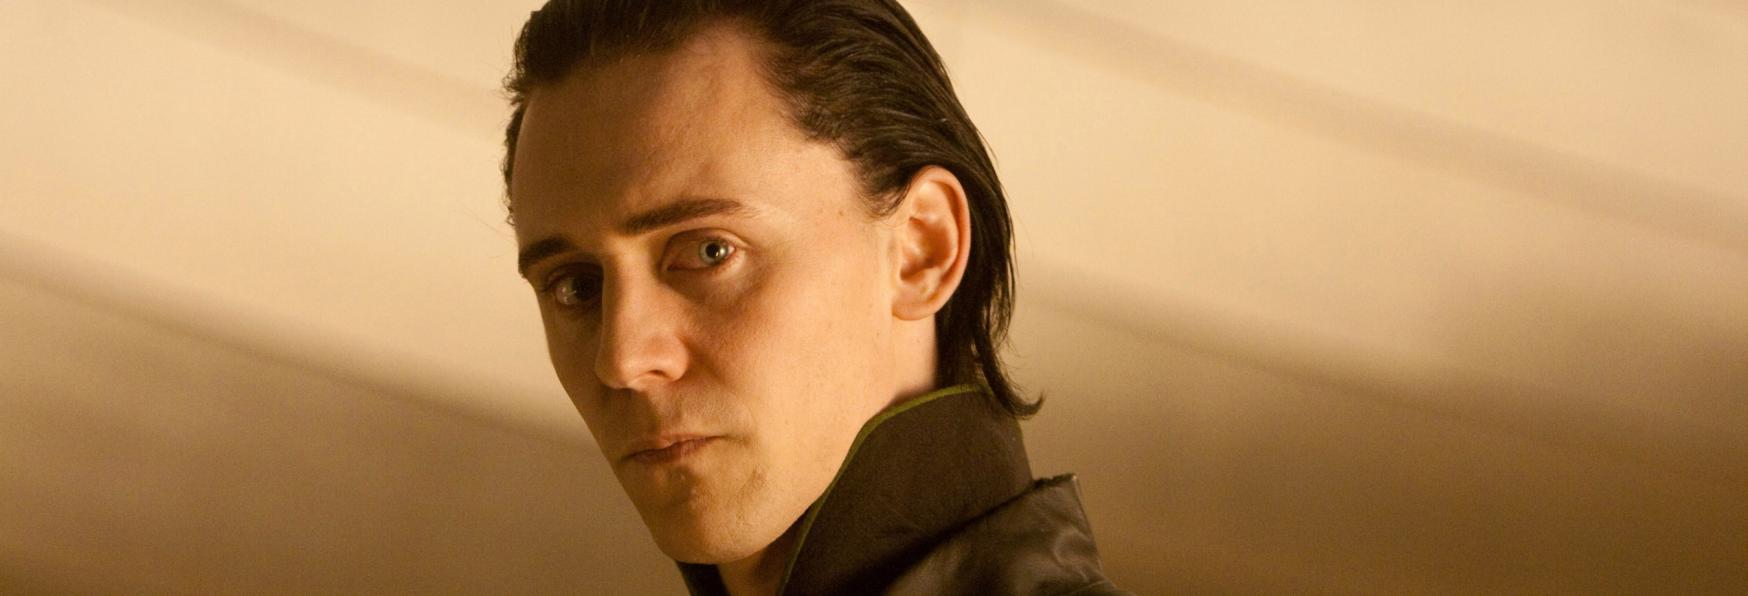 Loki 2: la Regista Kate Herron non tornerà per la nuova Stagione